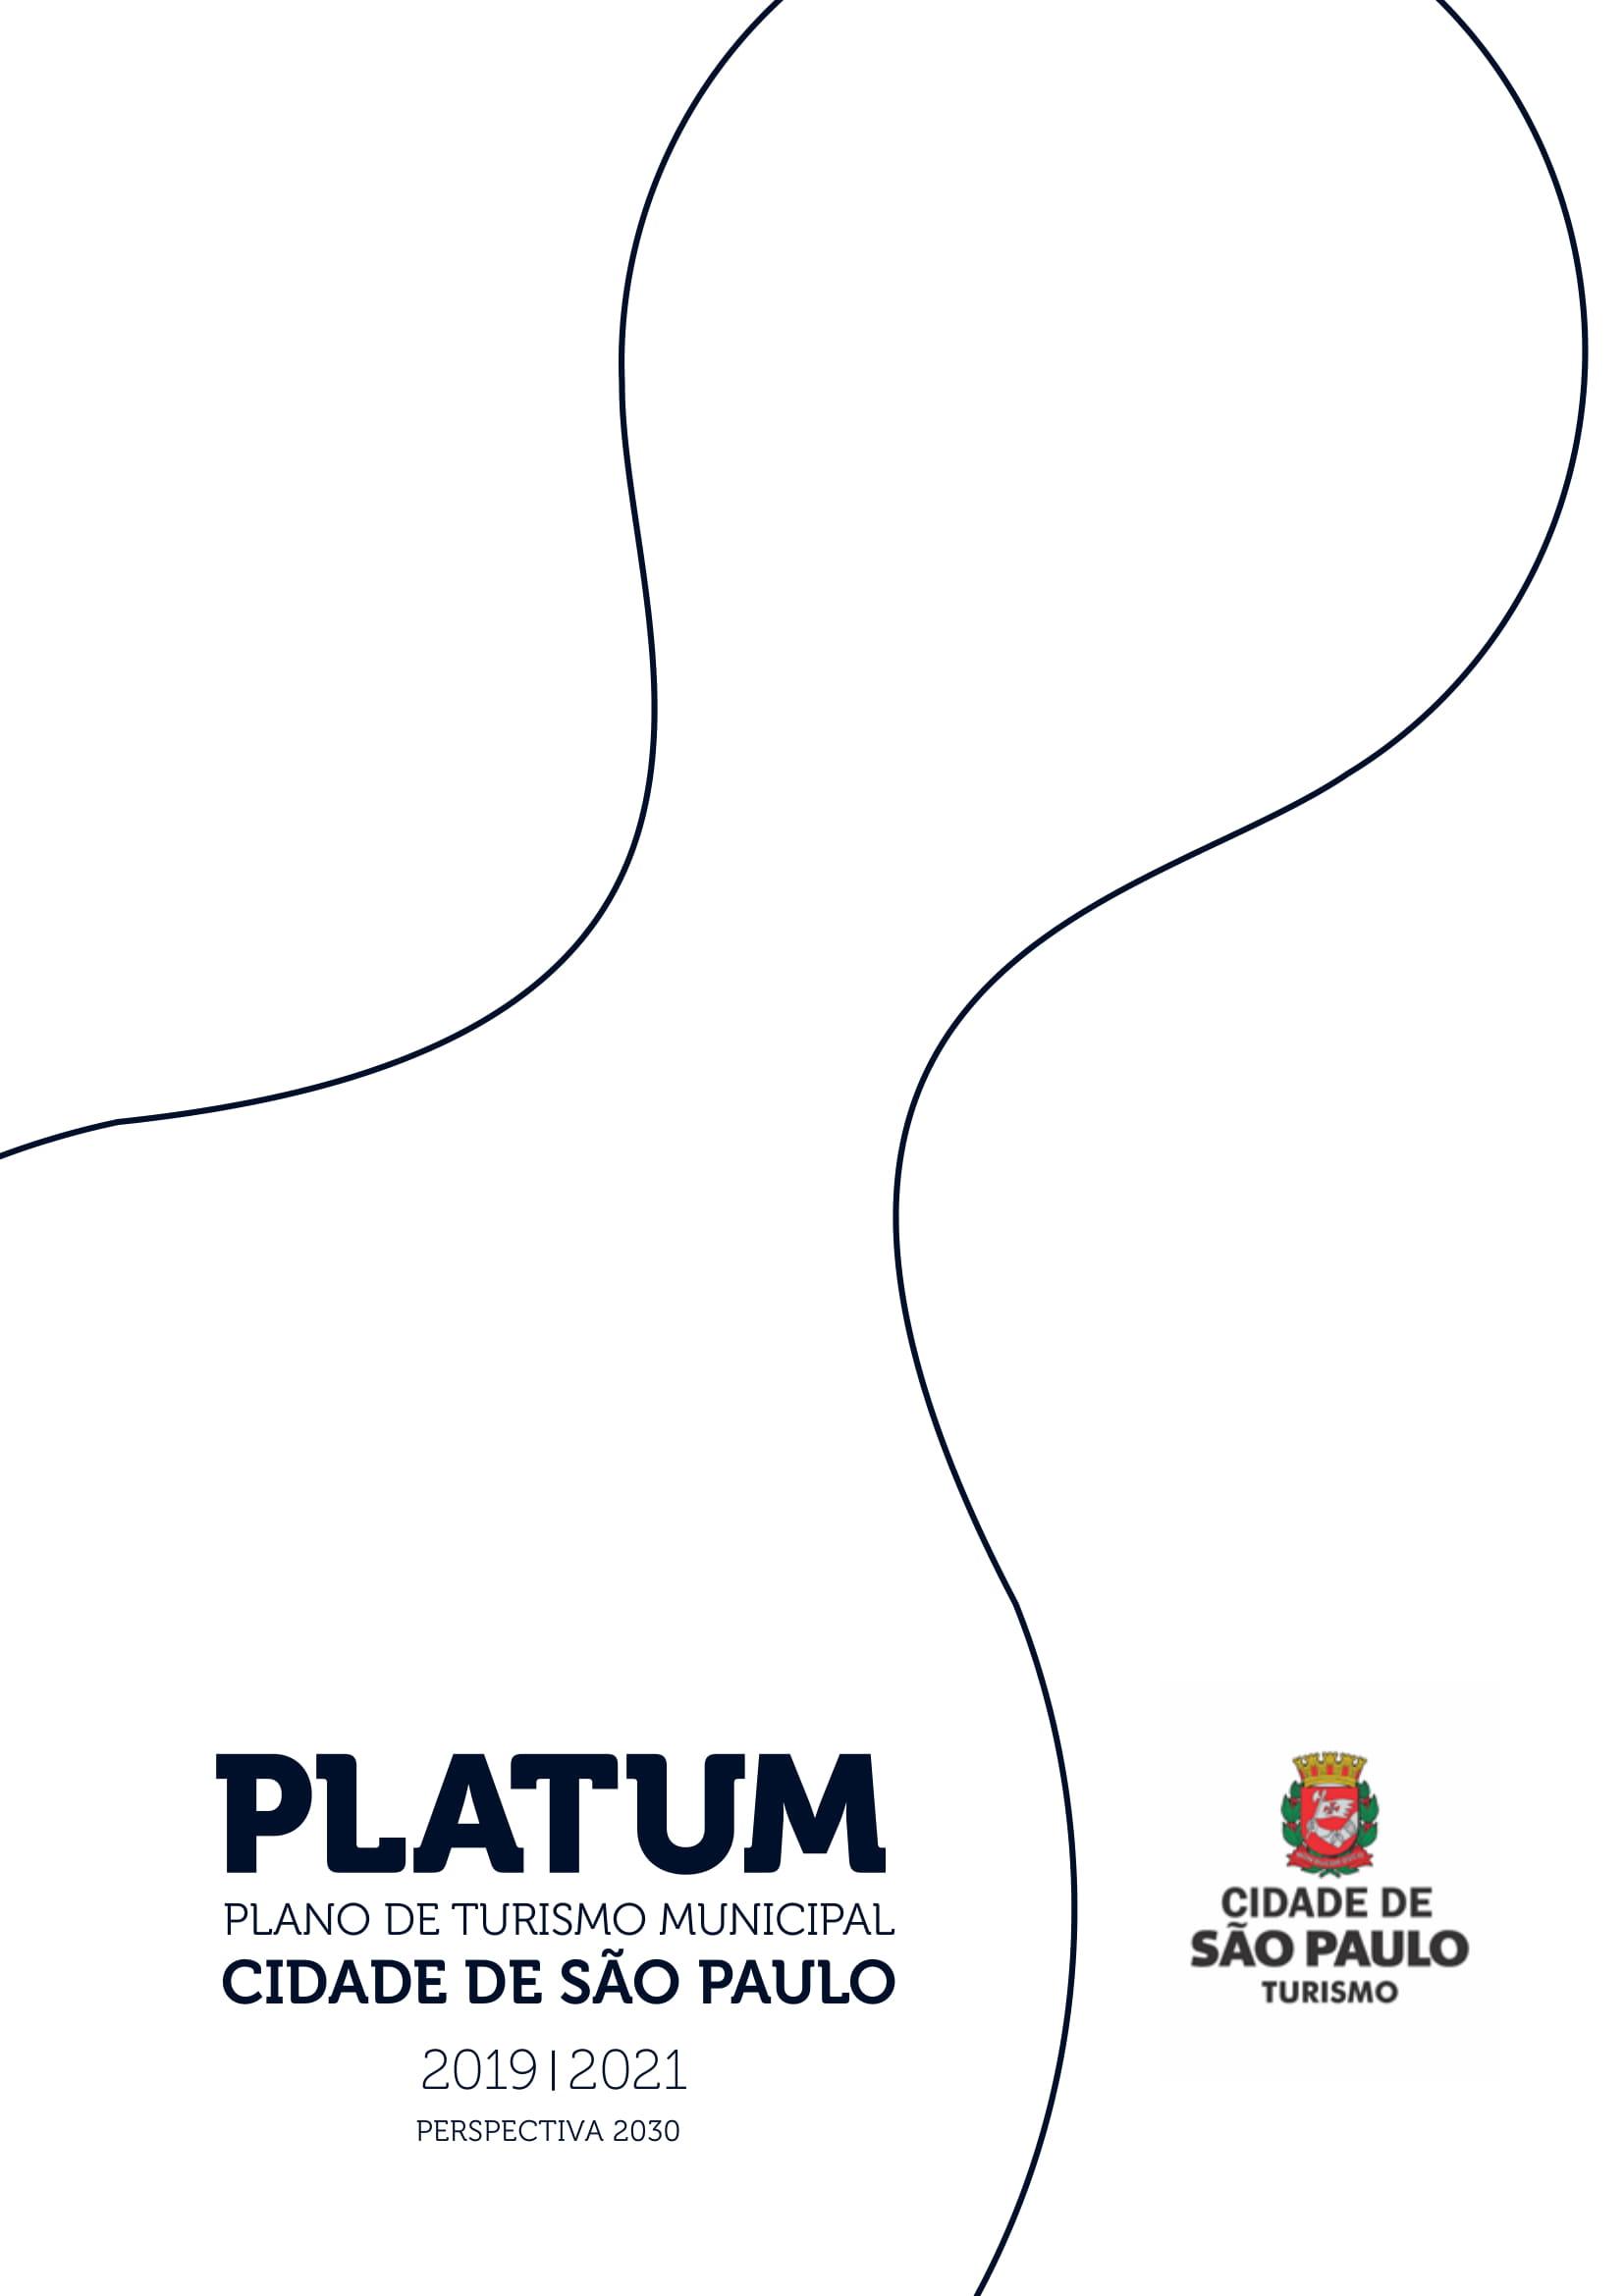 platum_1594747759-003